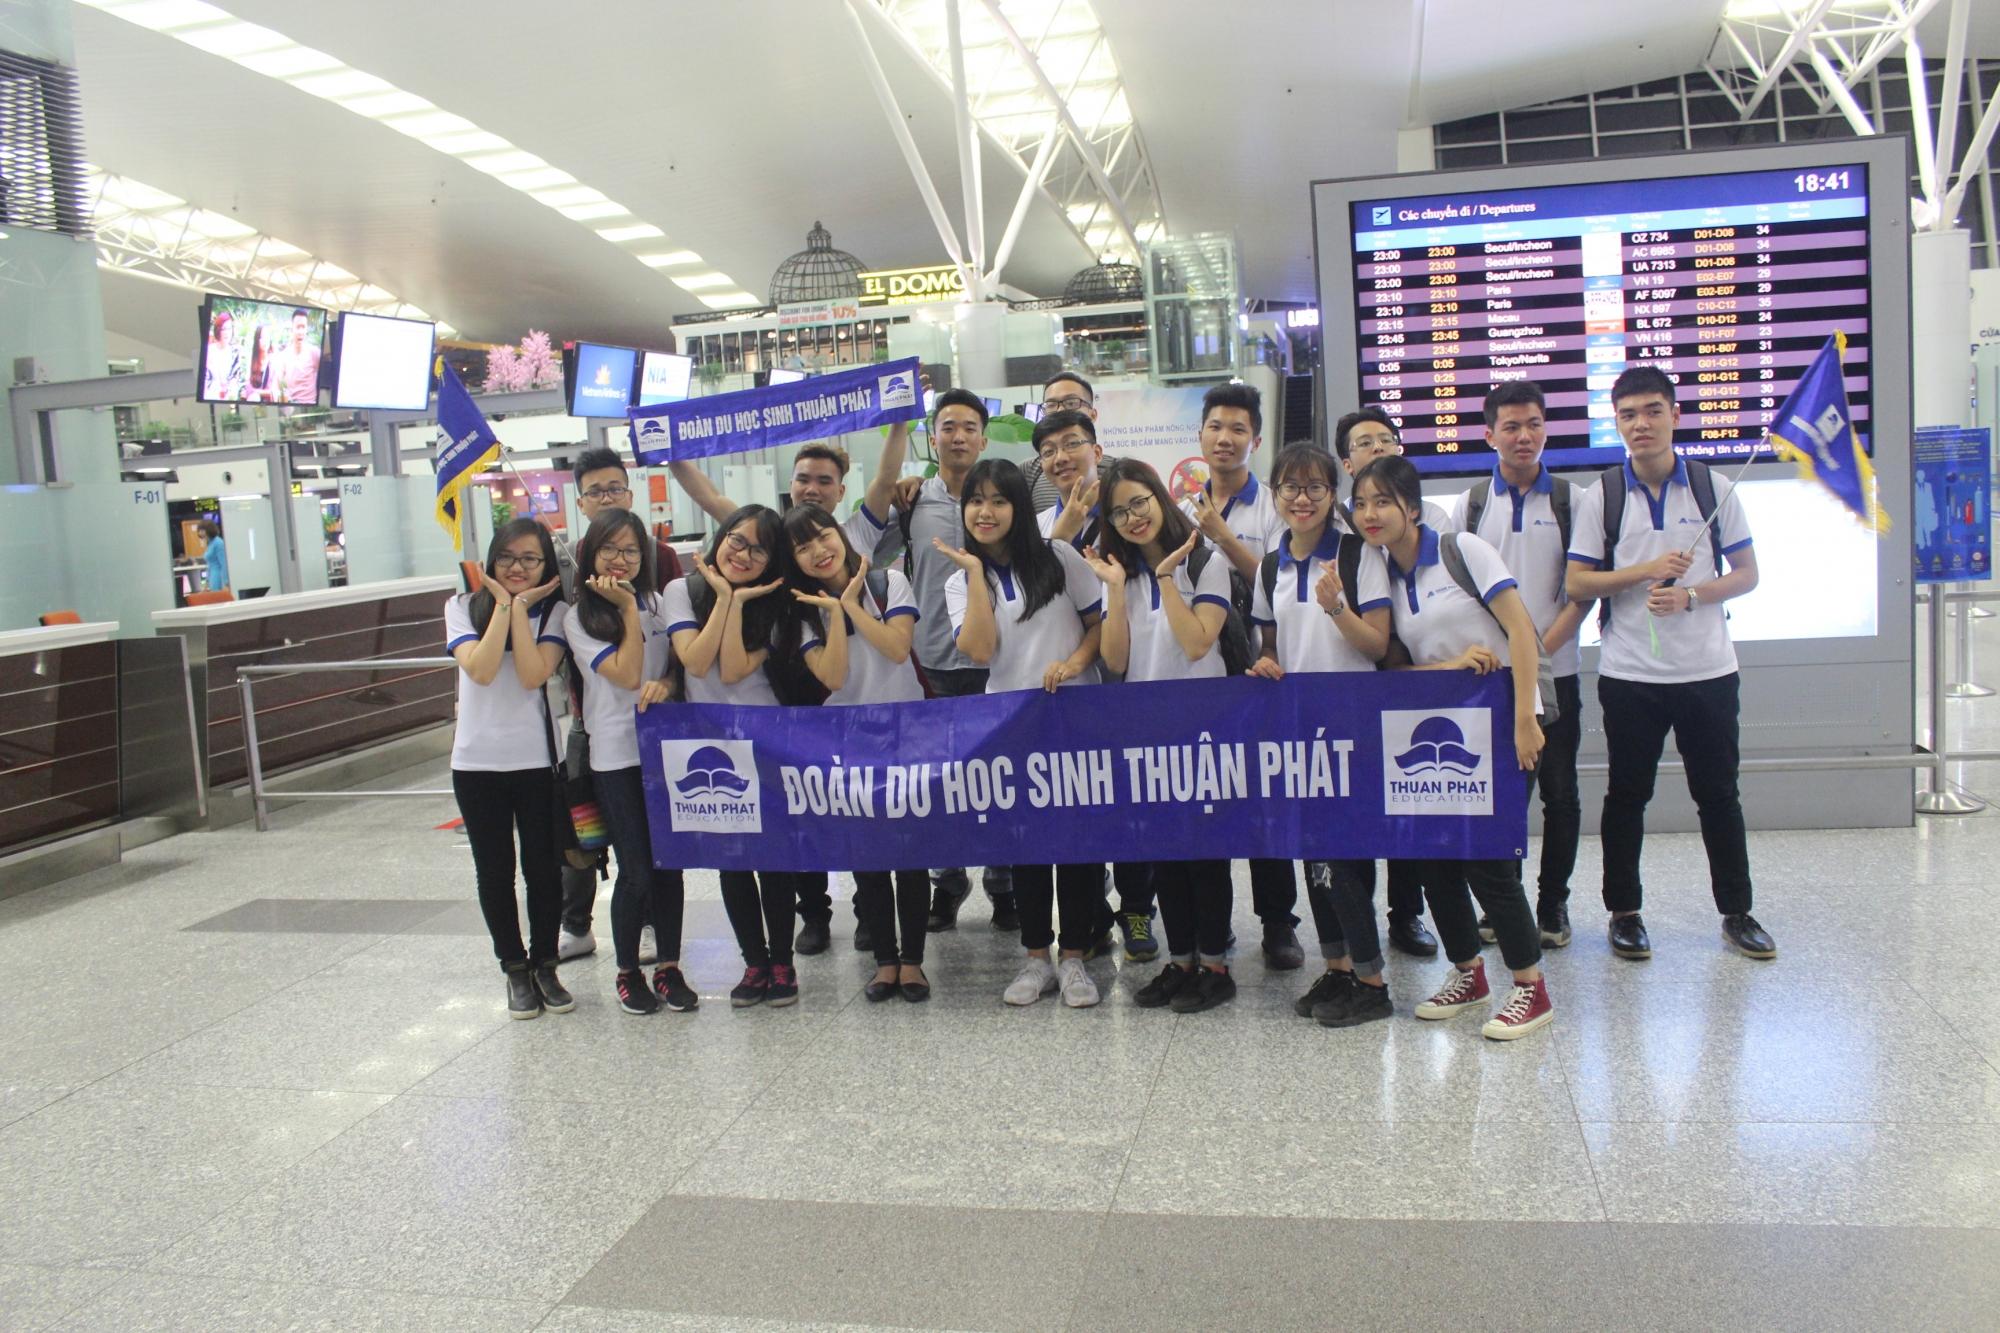 Hình ảnh đoàn du học sinh Thuận Phát tại sân bay quốc tế Nội Bài 1